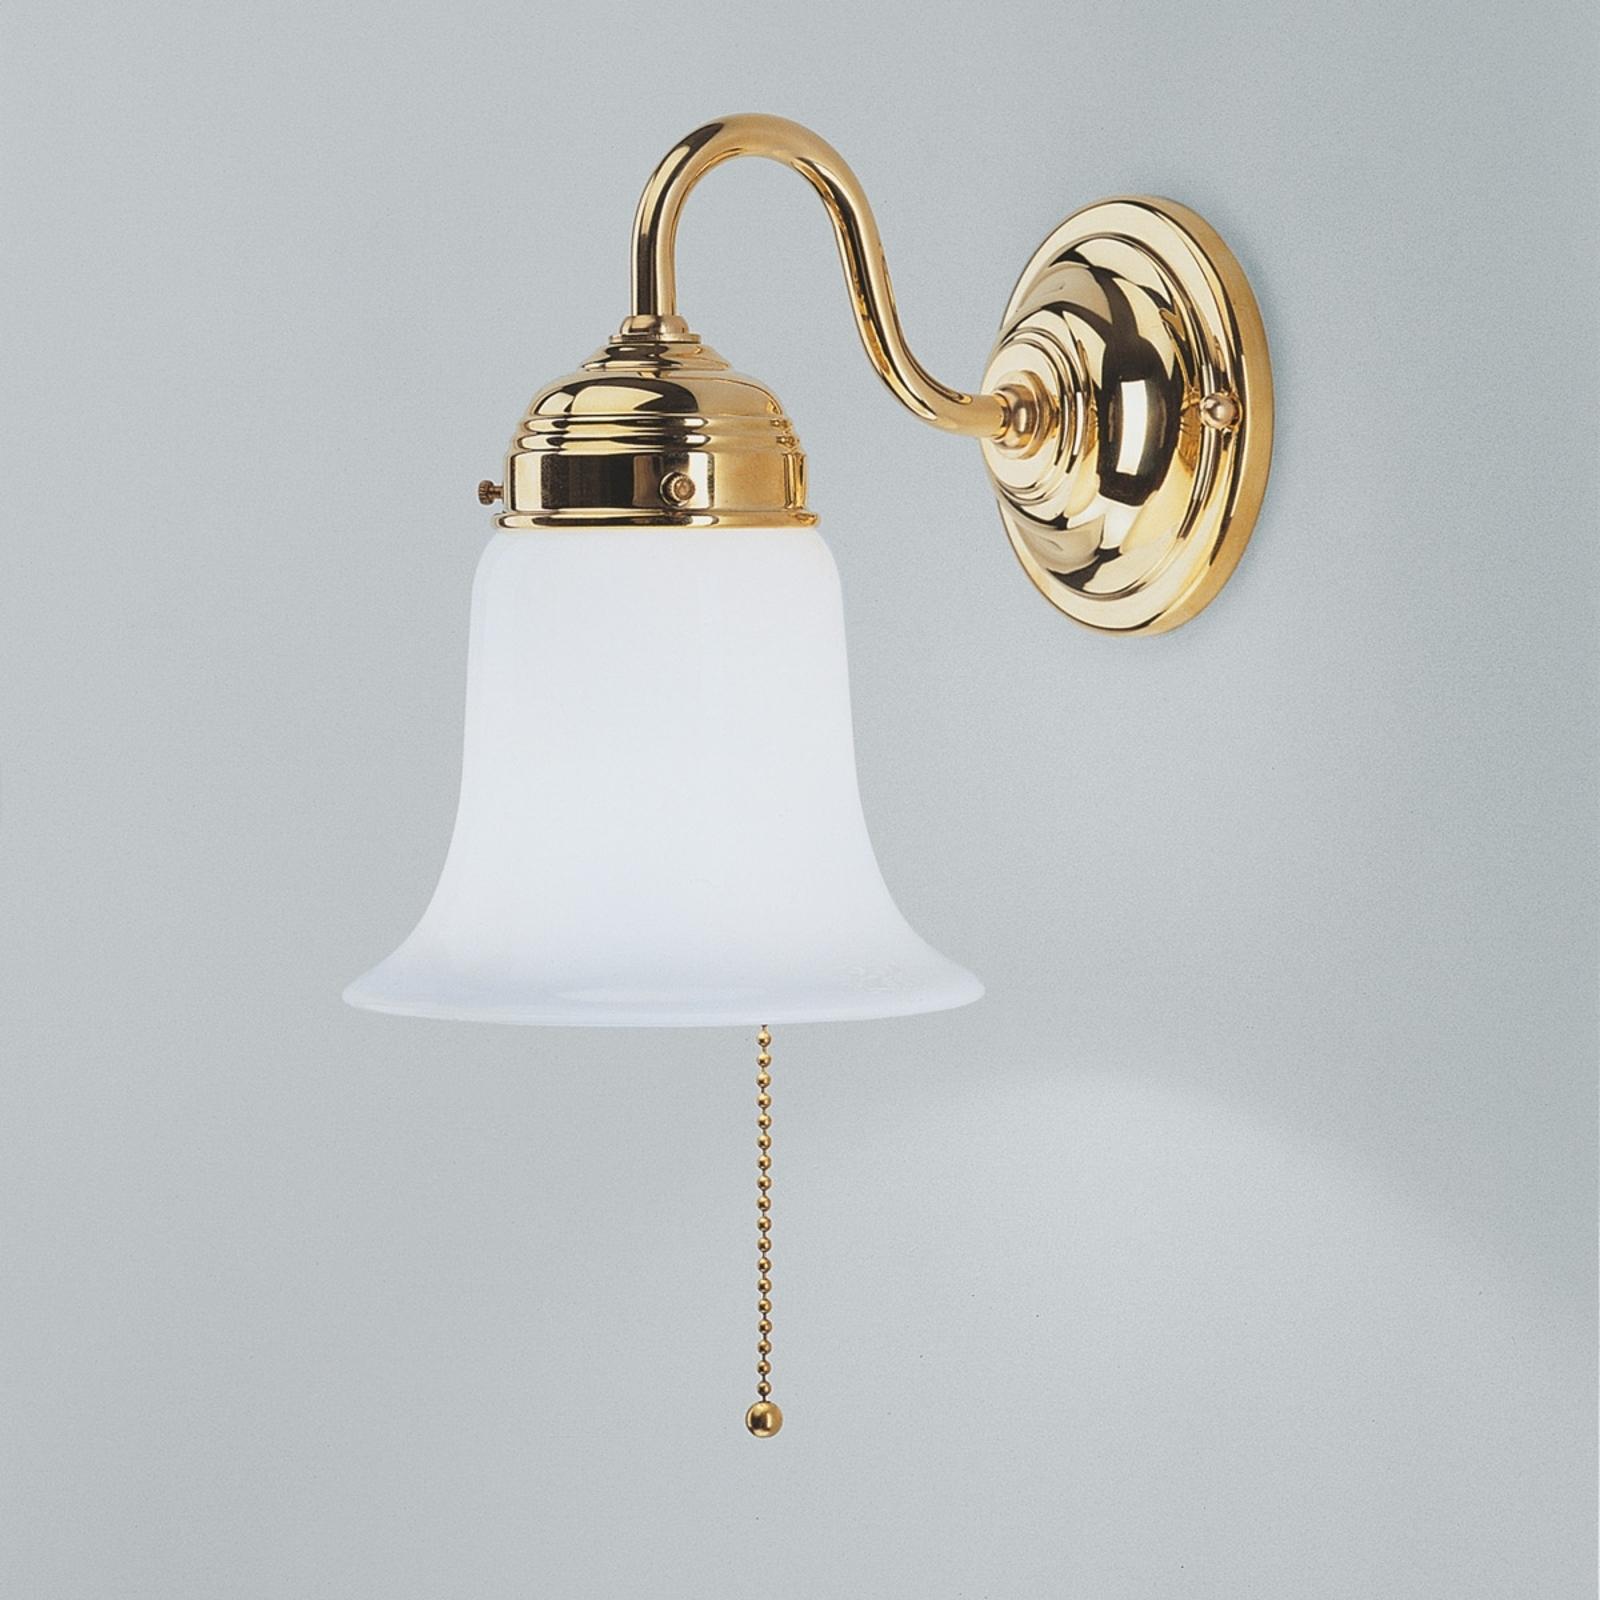 Lampada da parete Sibille in ottone lucido